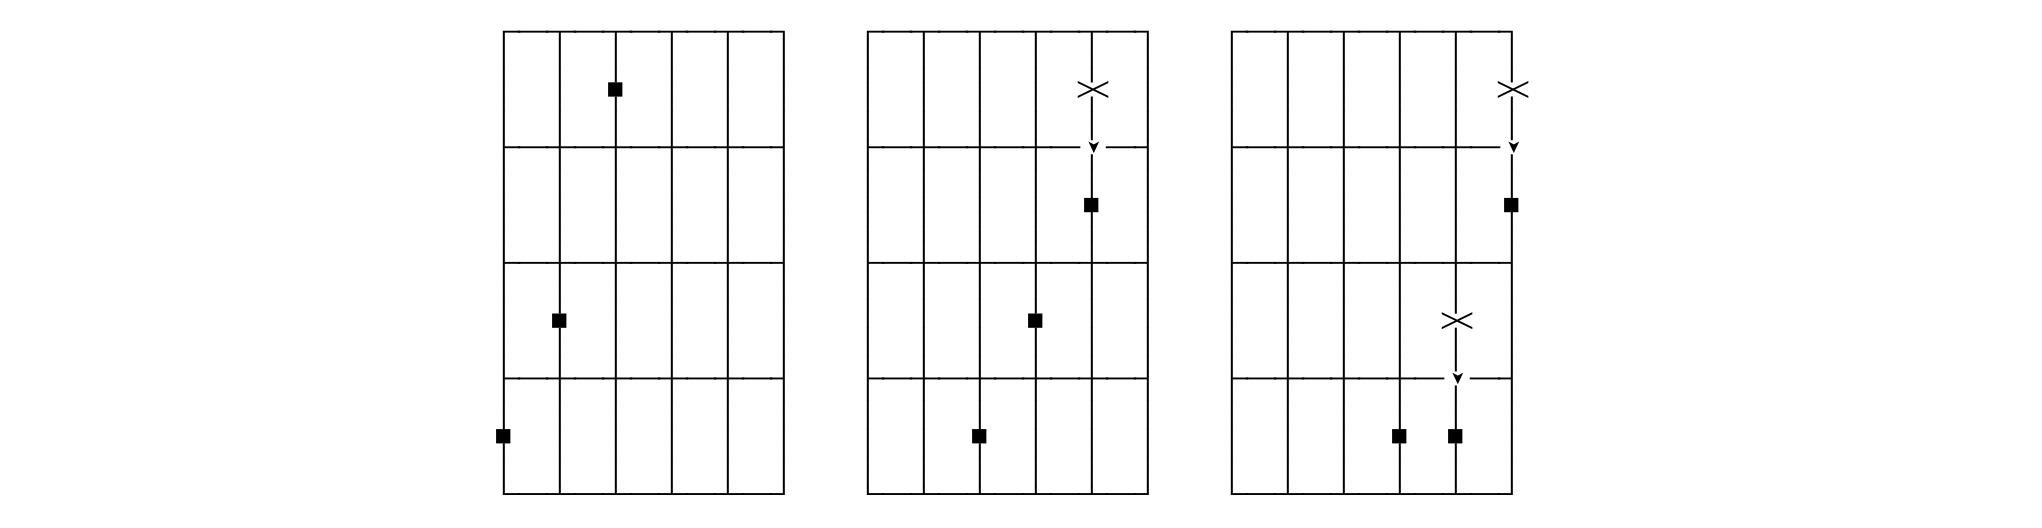 major triads on fretboard